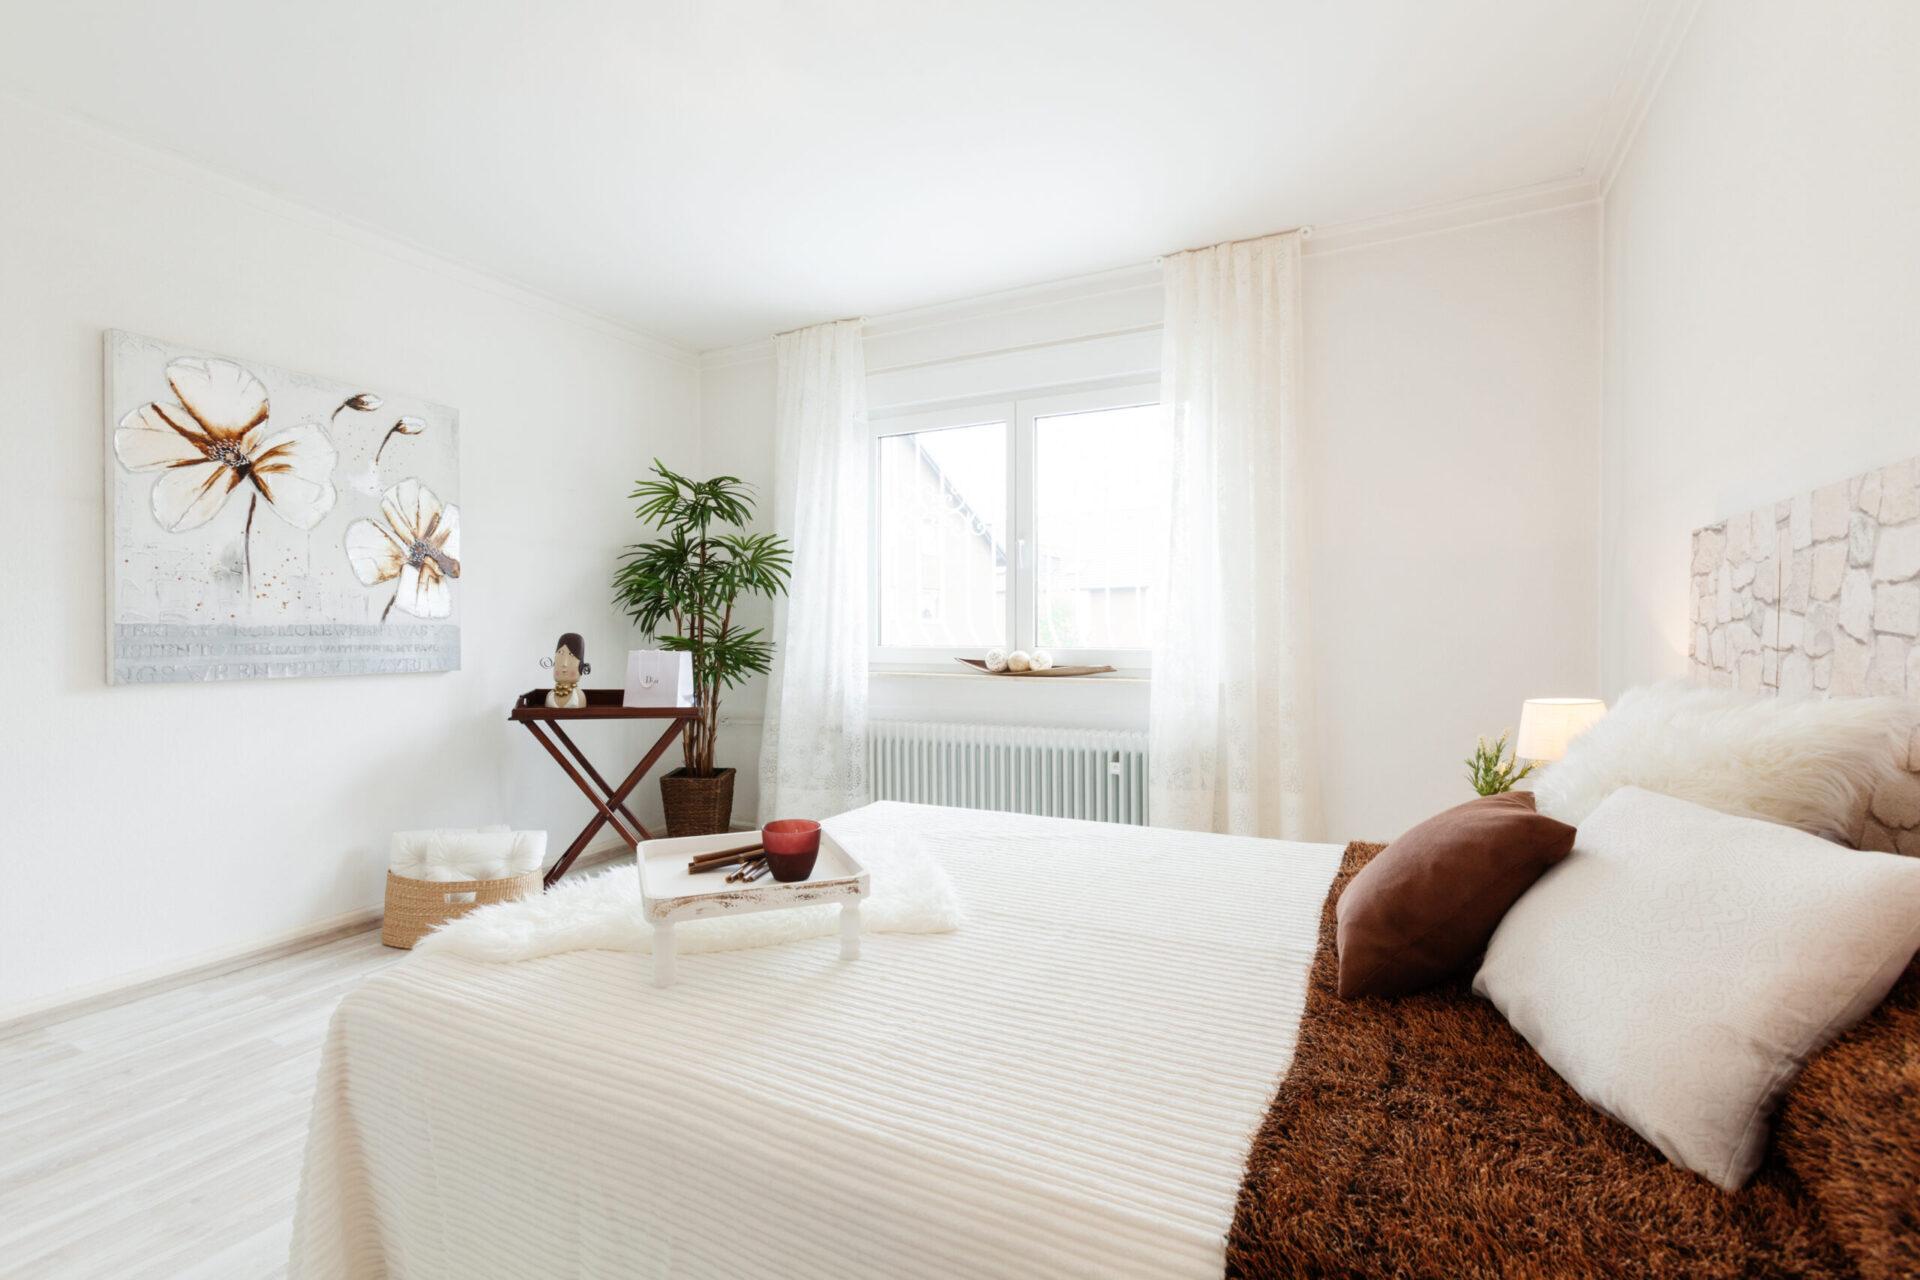 Erbimmobilie - Einfamilienhaus in Dortmund